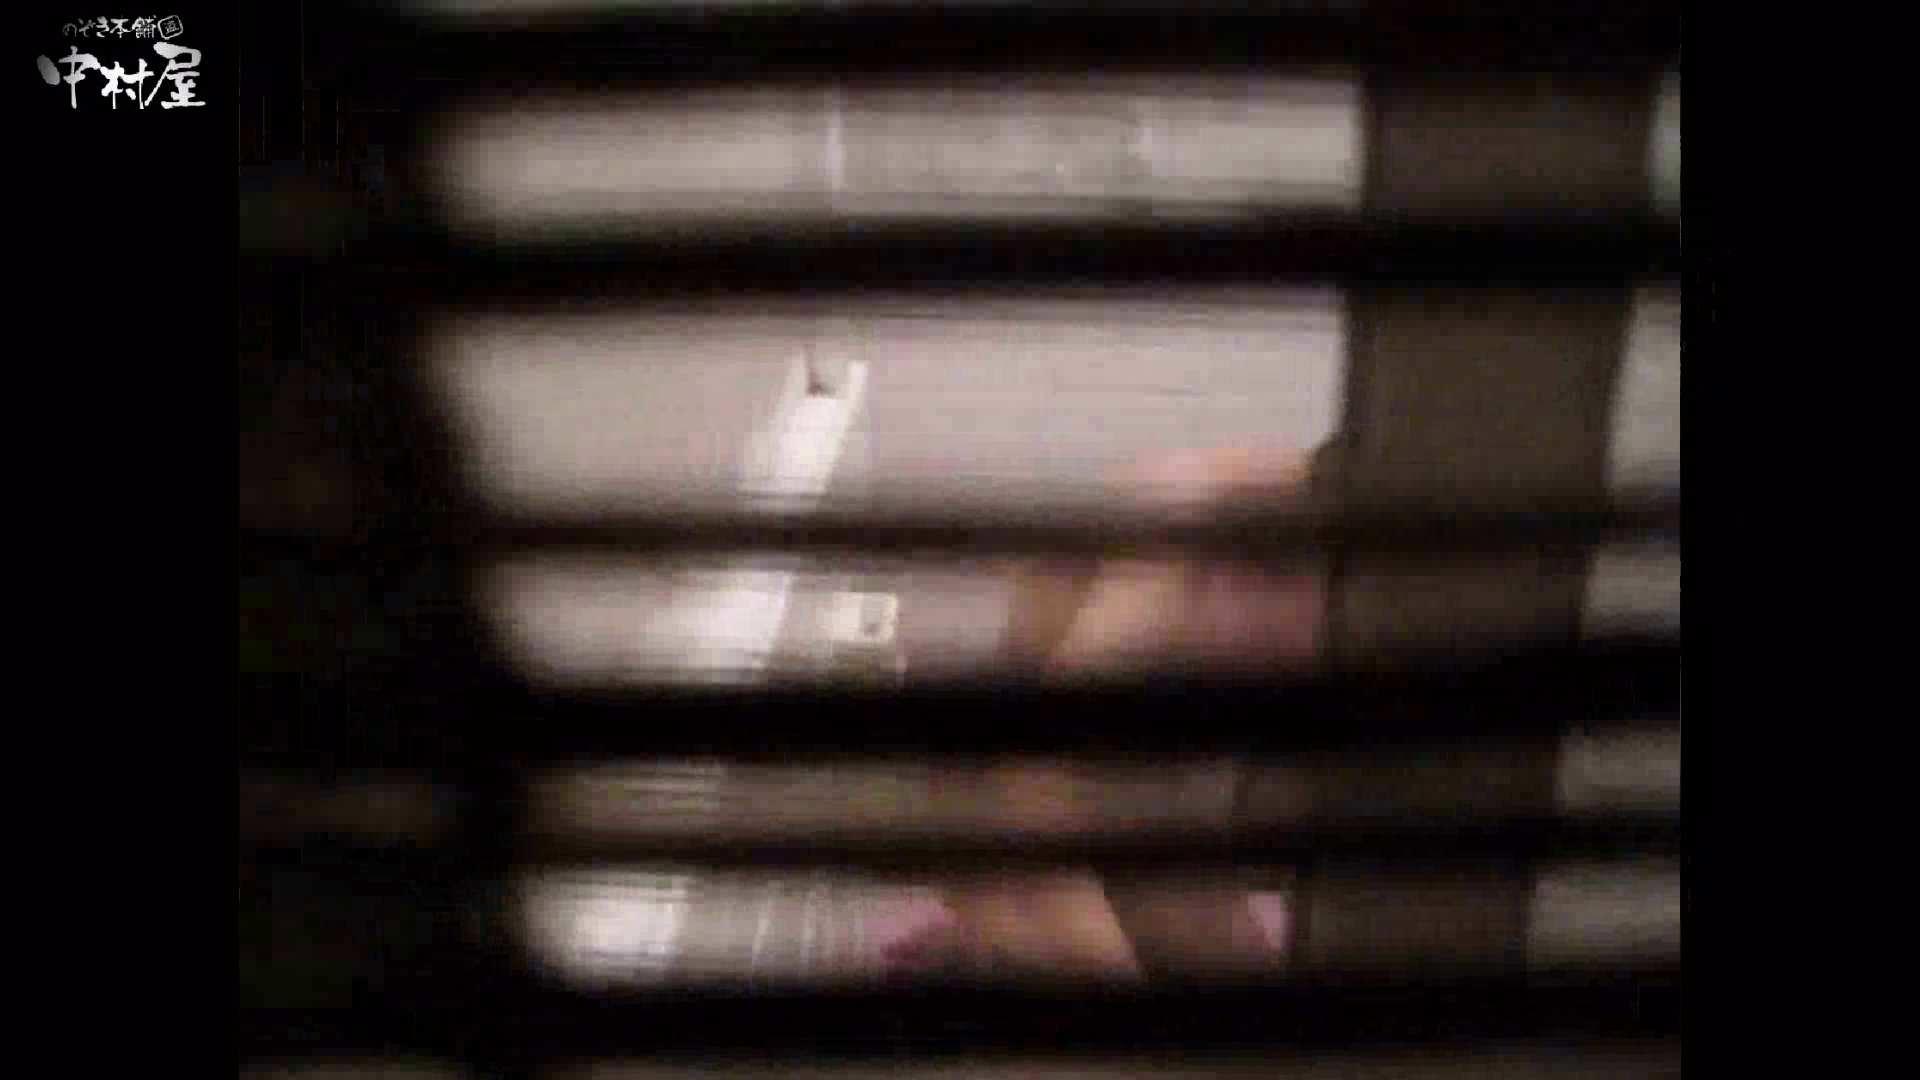 民家風呂専門盗撮師の超危険映像 vol.017 盗撮 覗きおまんこ画像 87画像 21